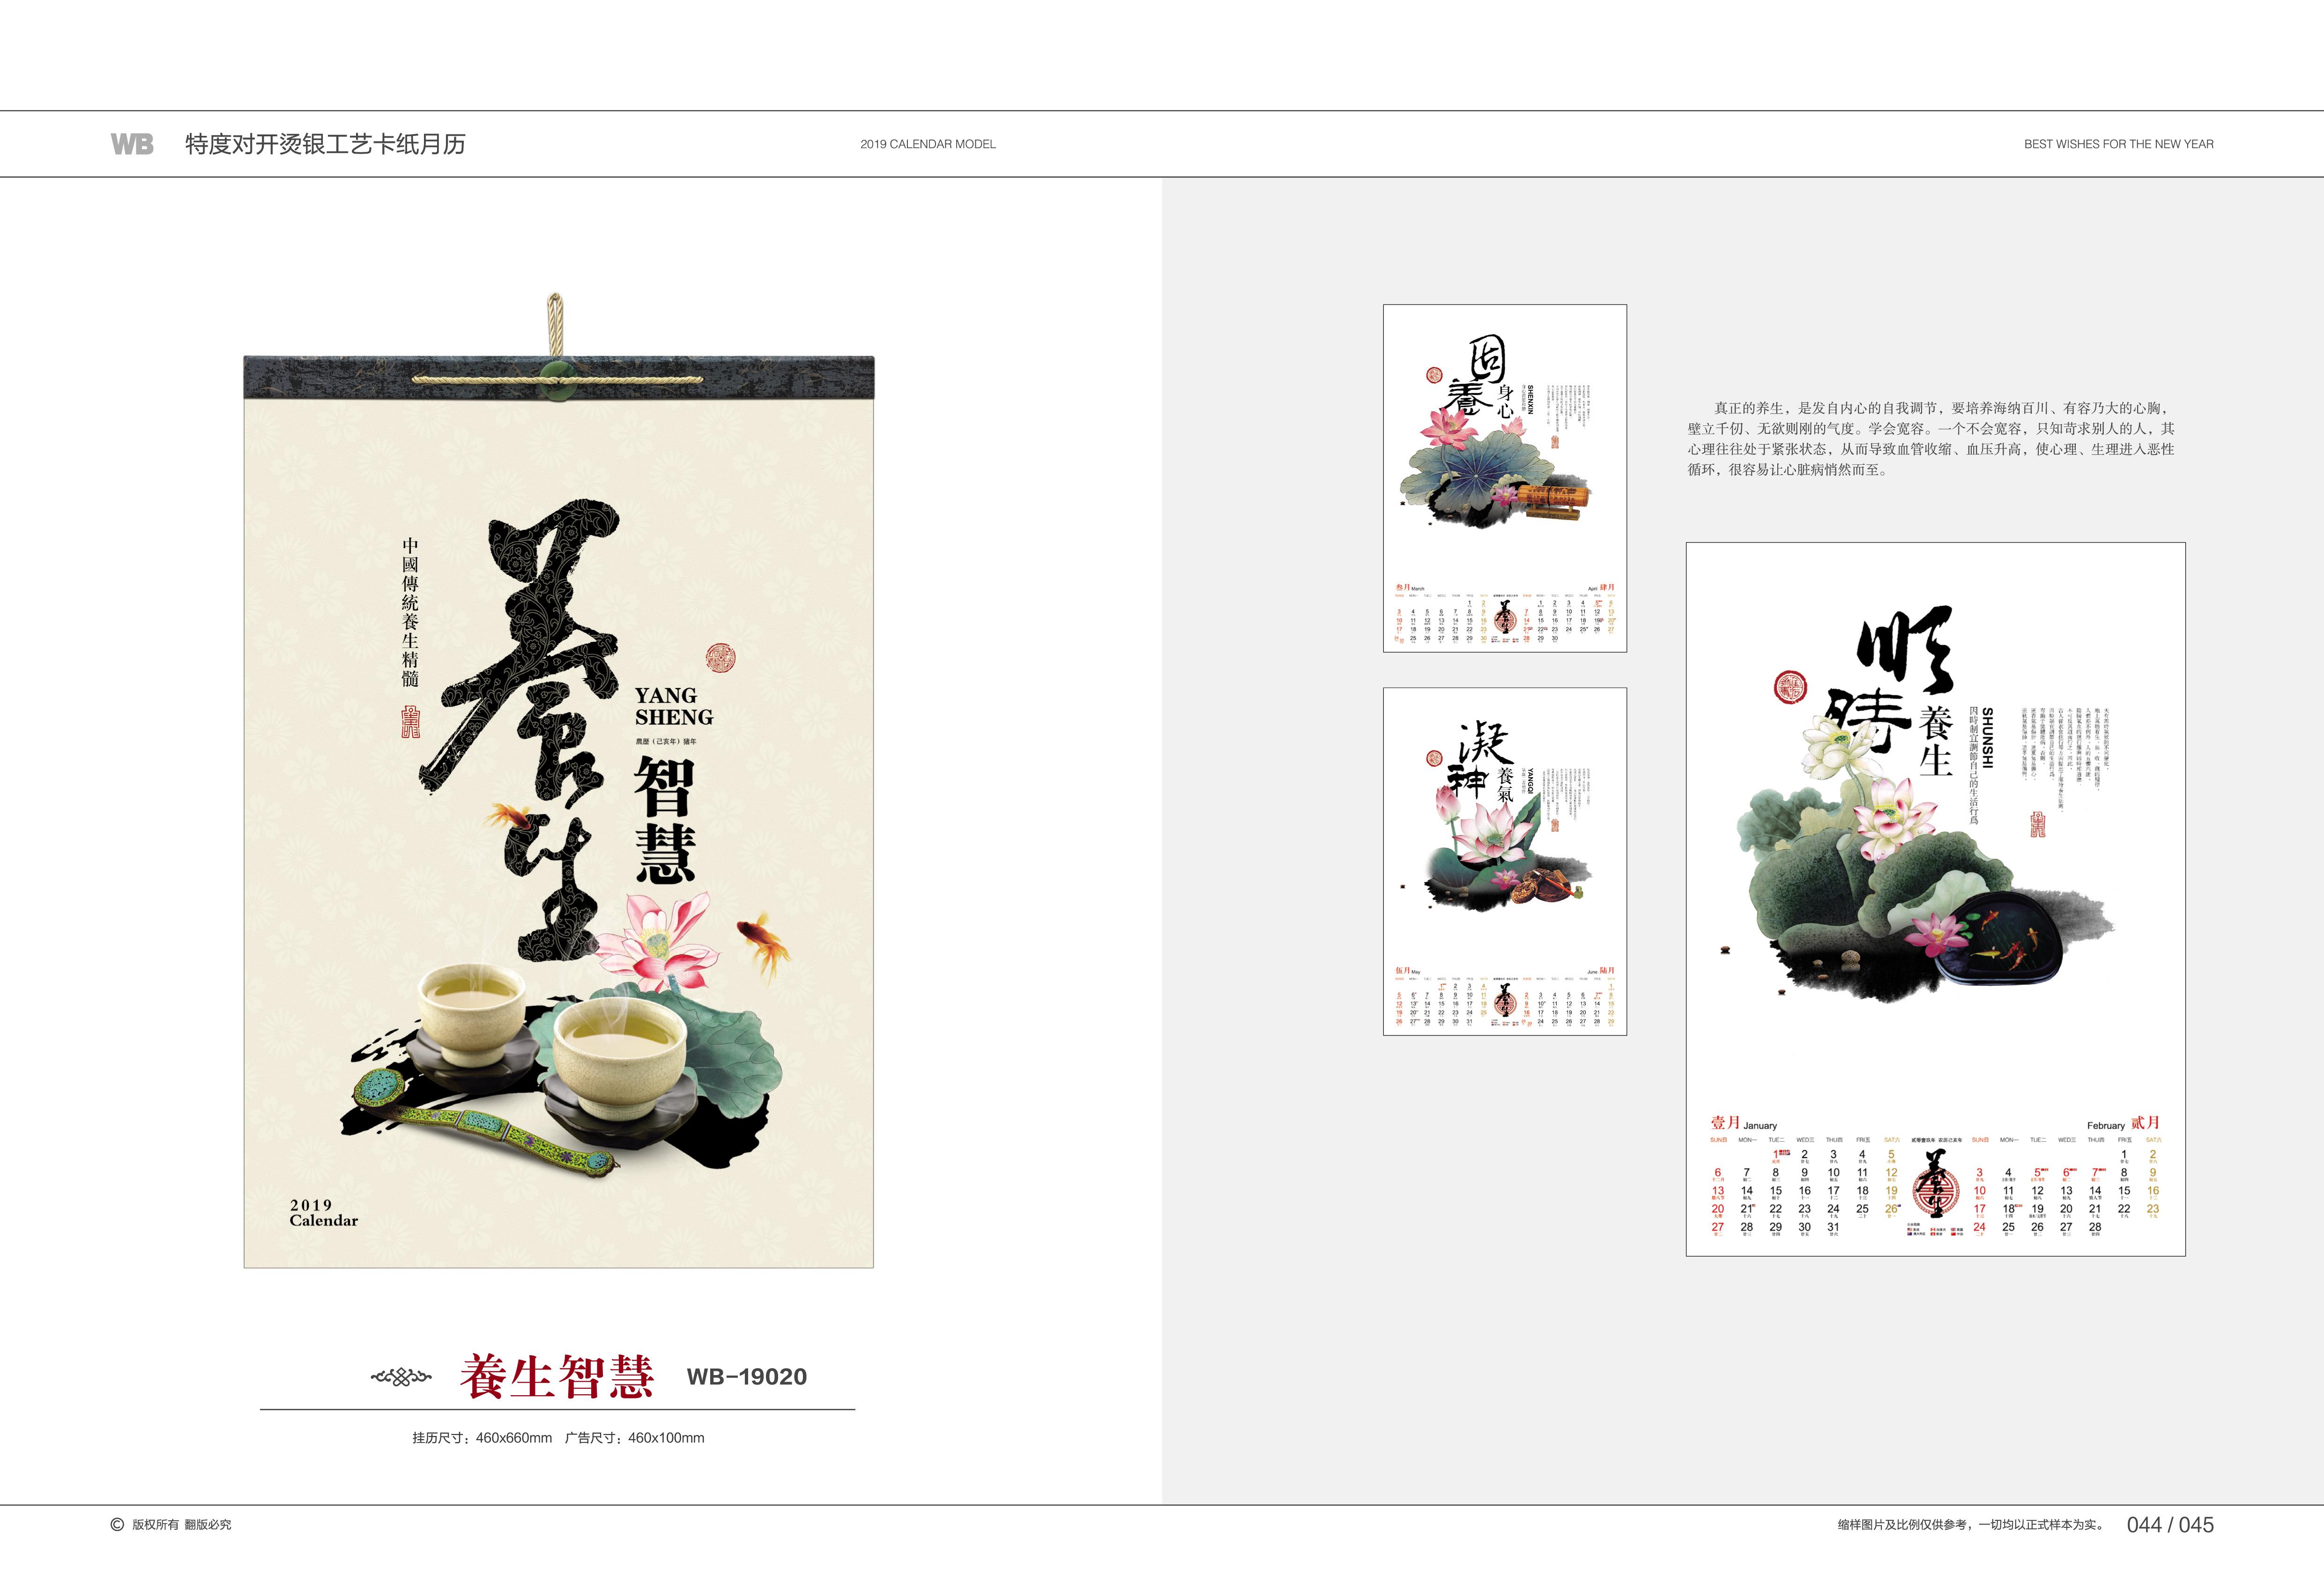 2019年猪年挂历定制企业挂历印刷广告挂历定制logo专业首先--贝弘纸塑